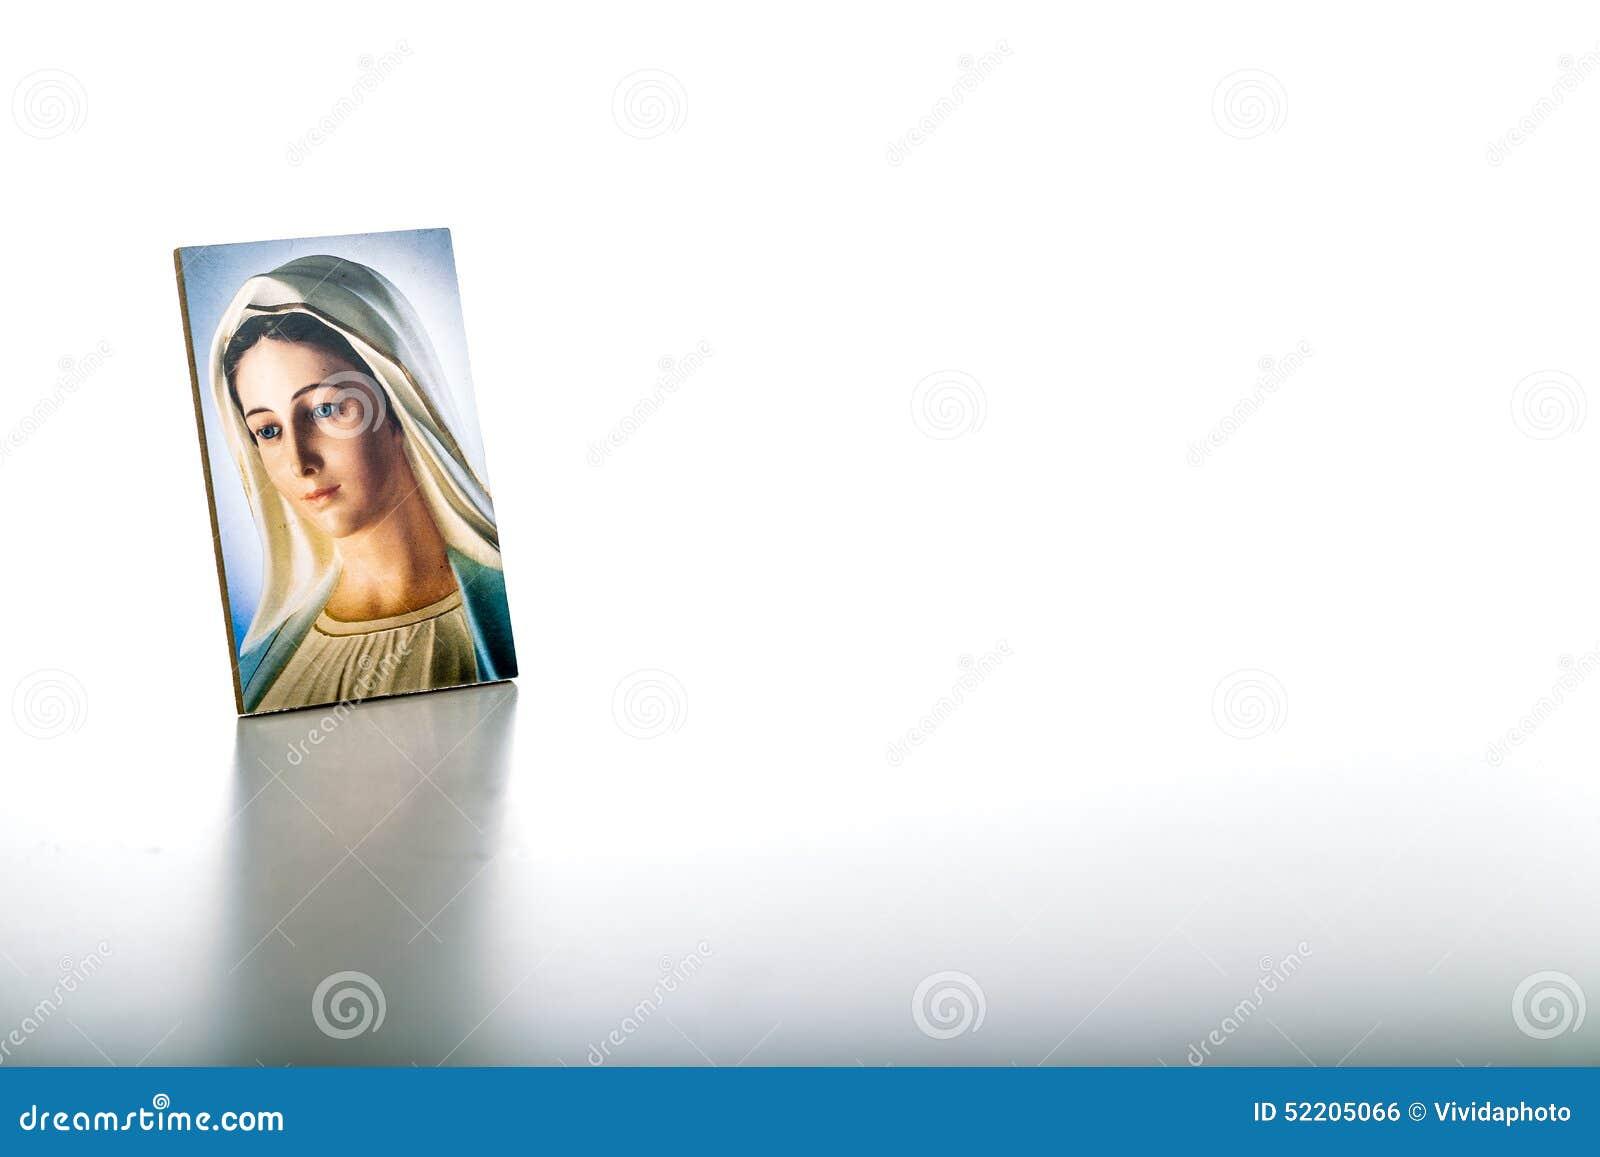 Ícone de nossa senhora de Medjugorje a Virgem Maria abençoada